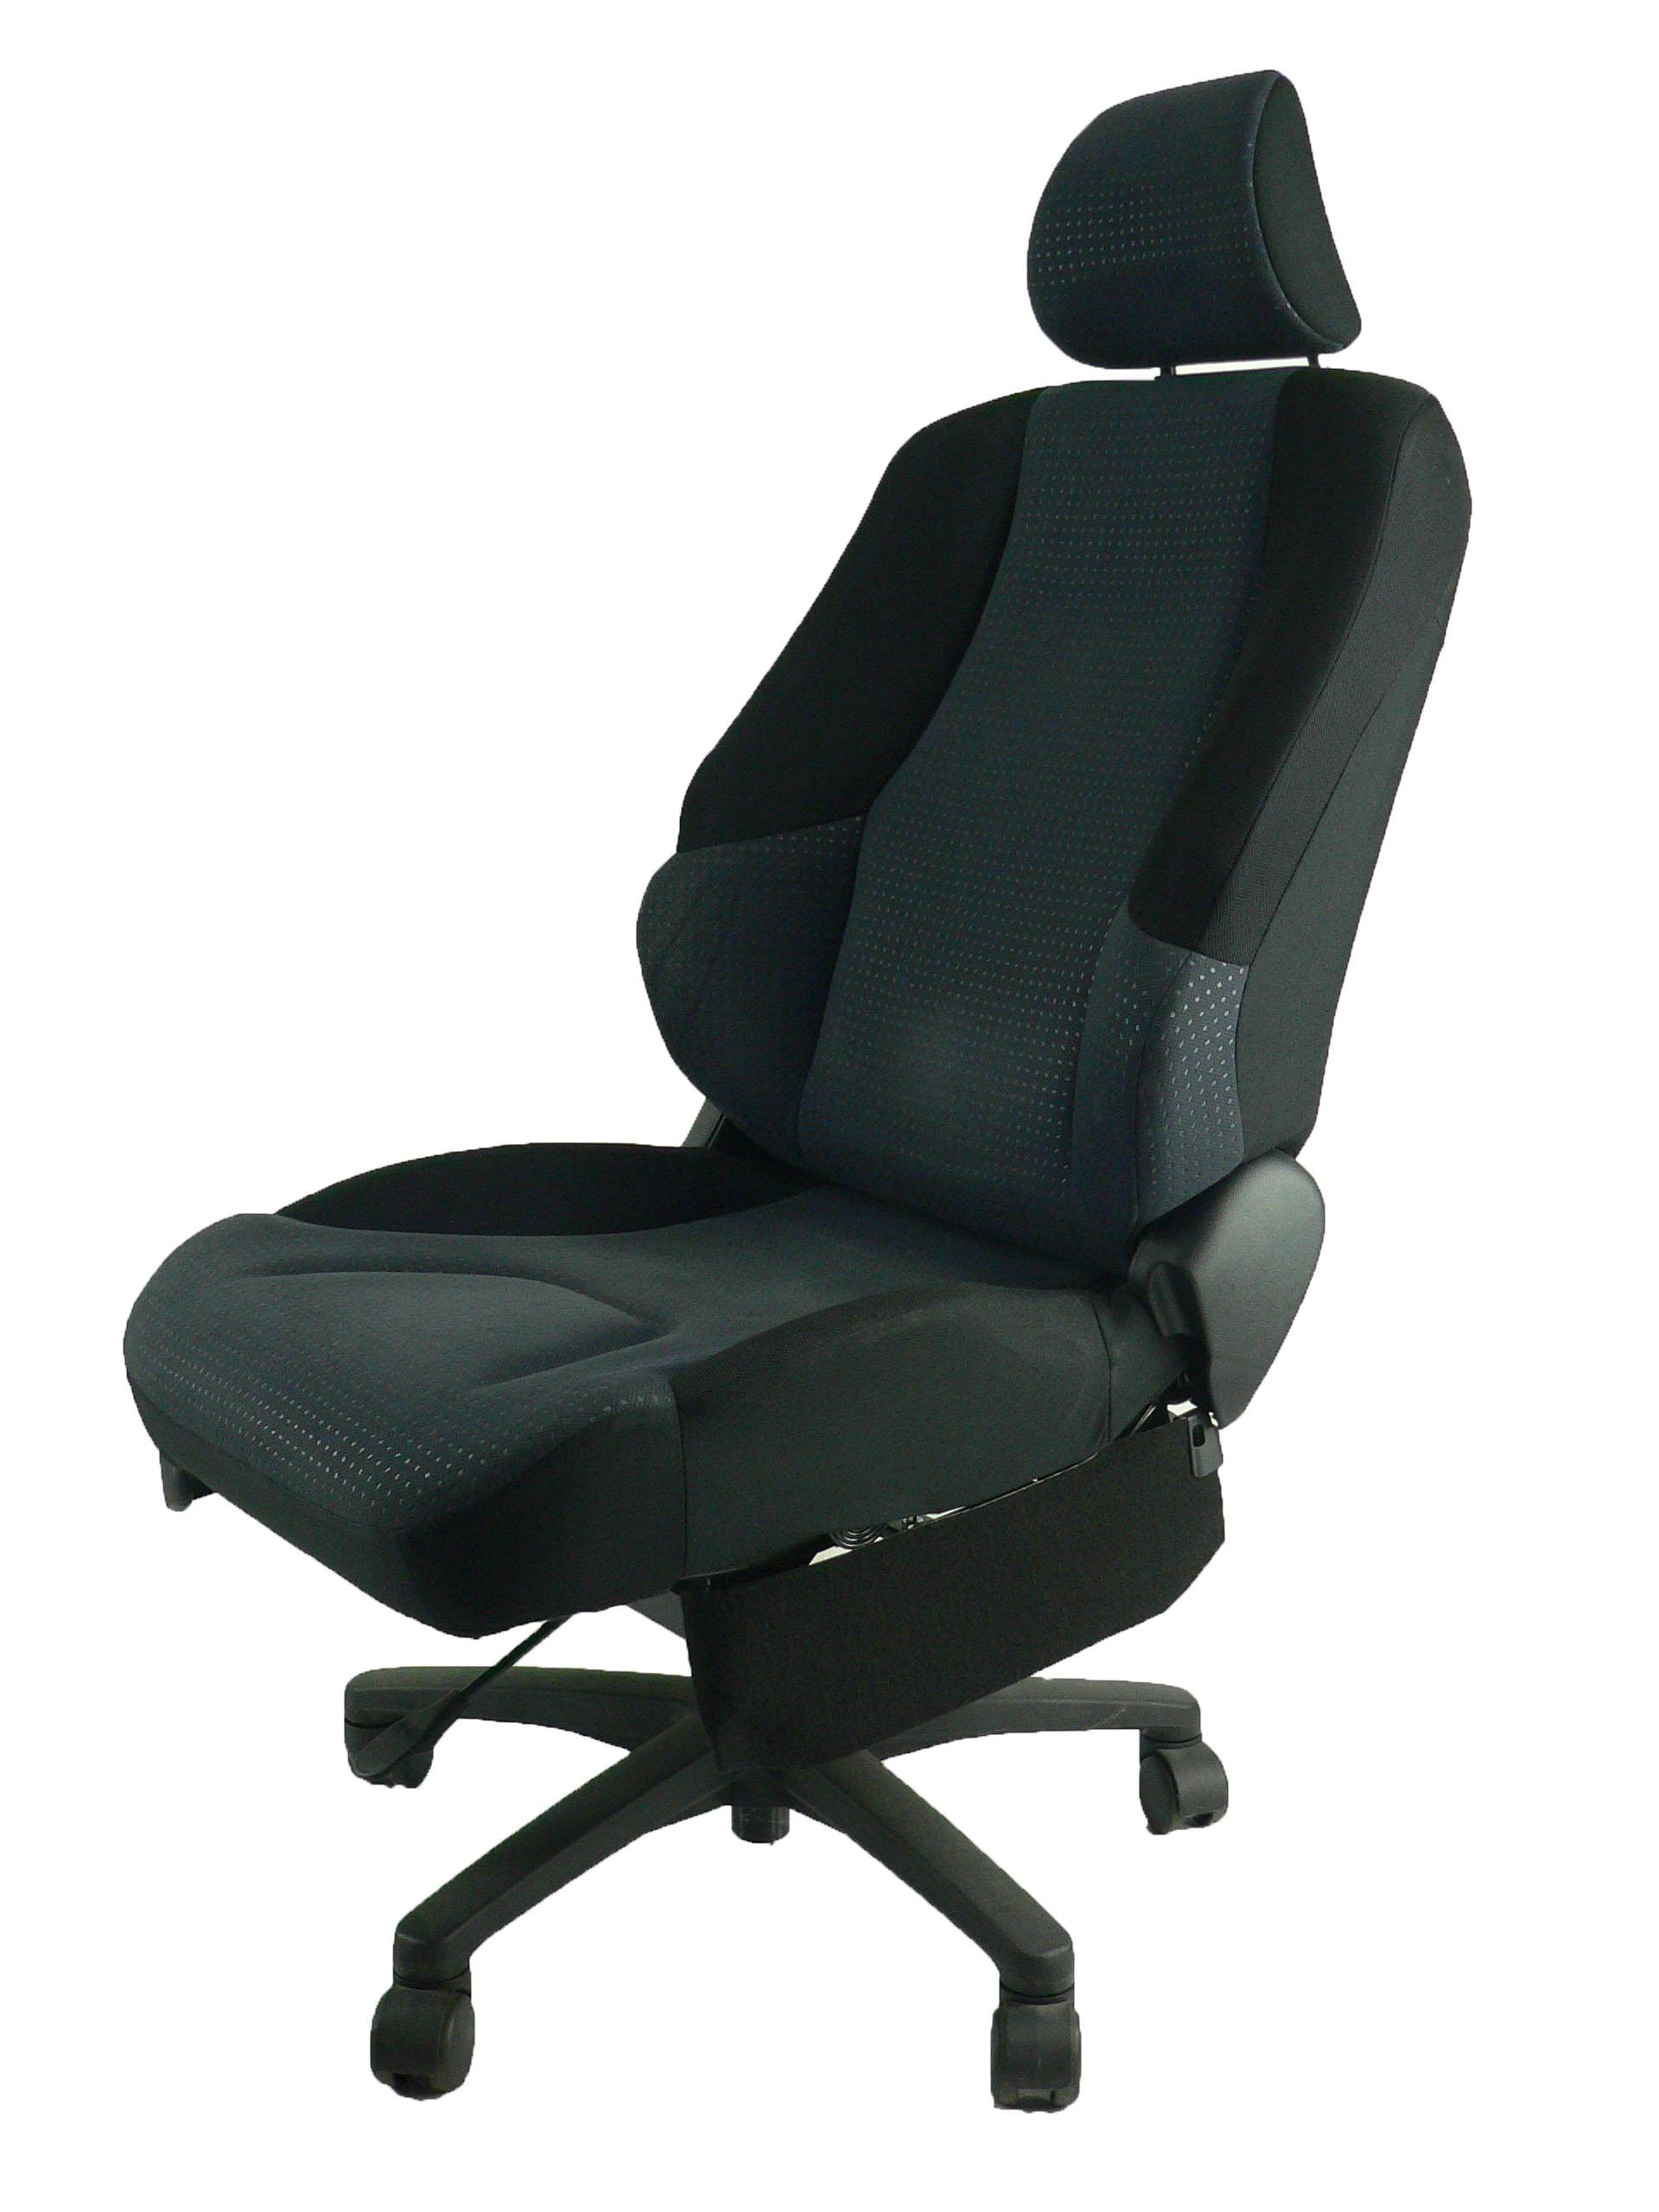 ホンダ フィットGE6★自動車シートがリクライニングチェアー(デスクチェア)に、環境と健康に優しい椅子。実用的な椅子。